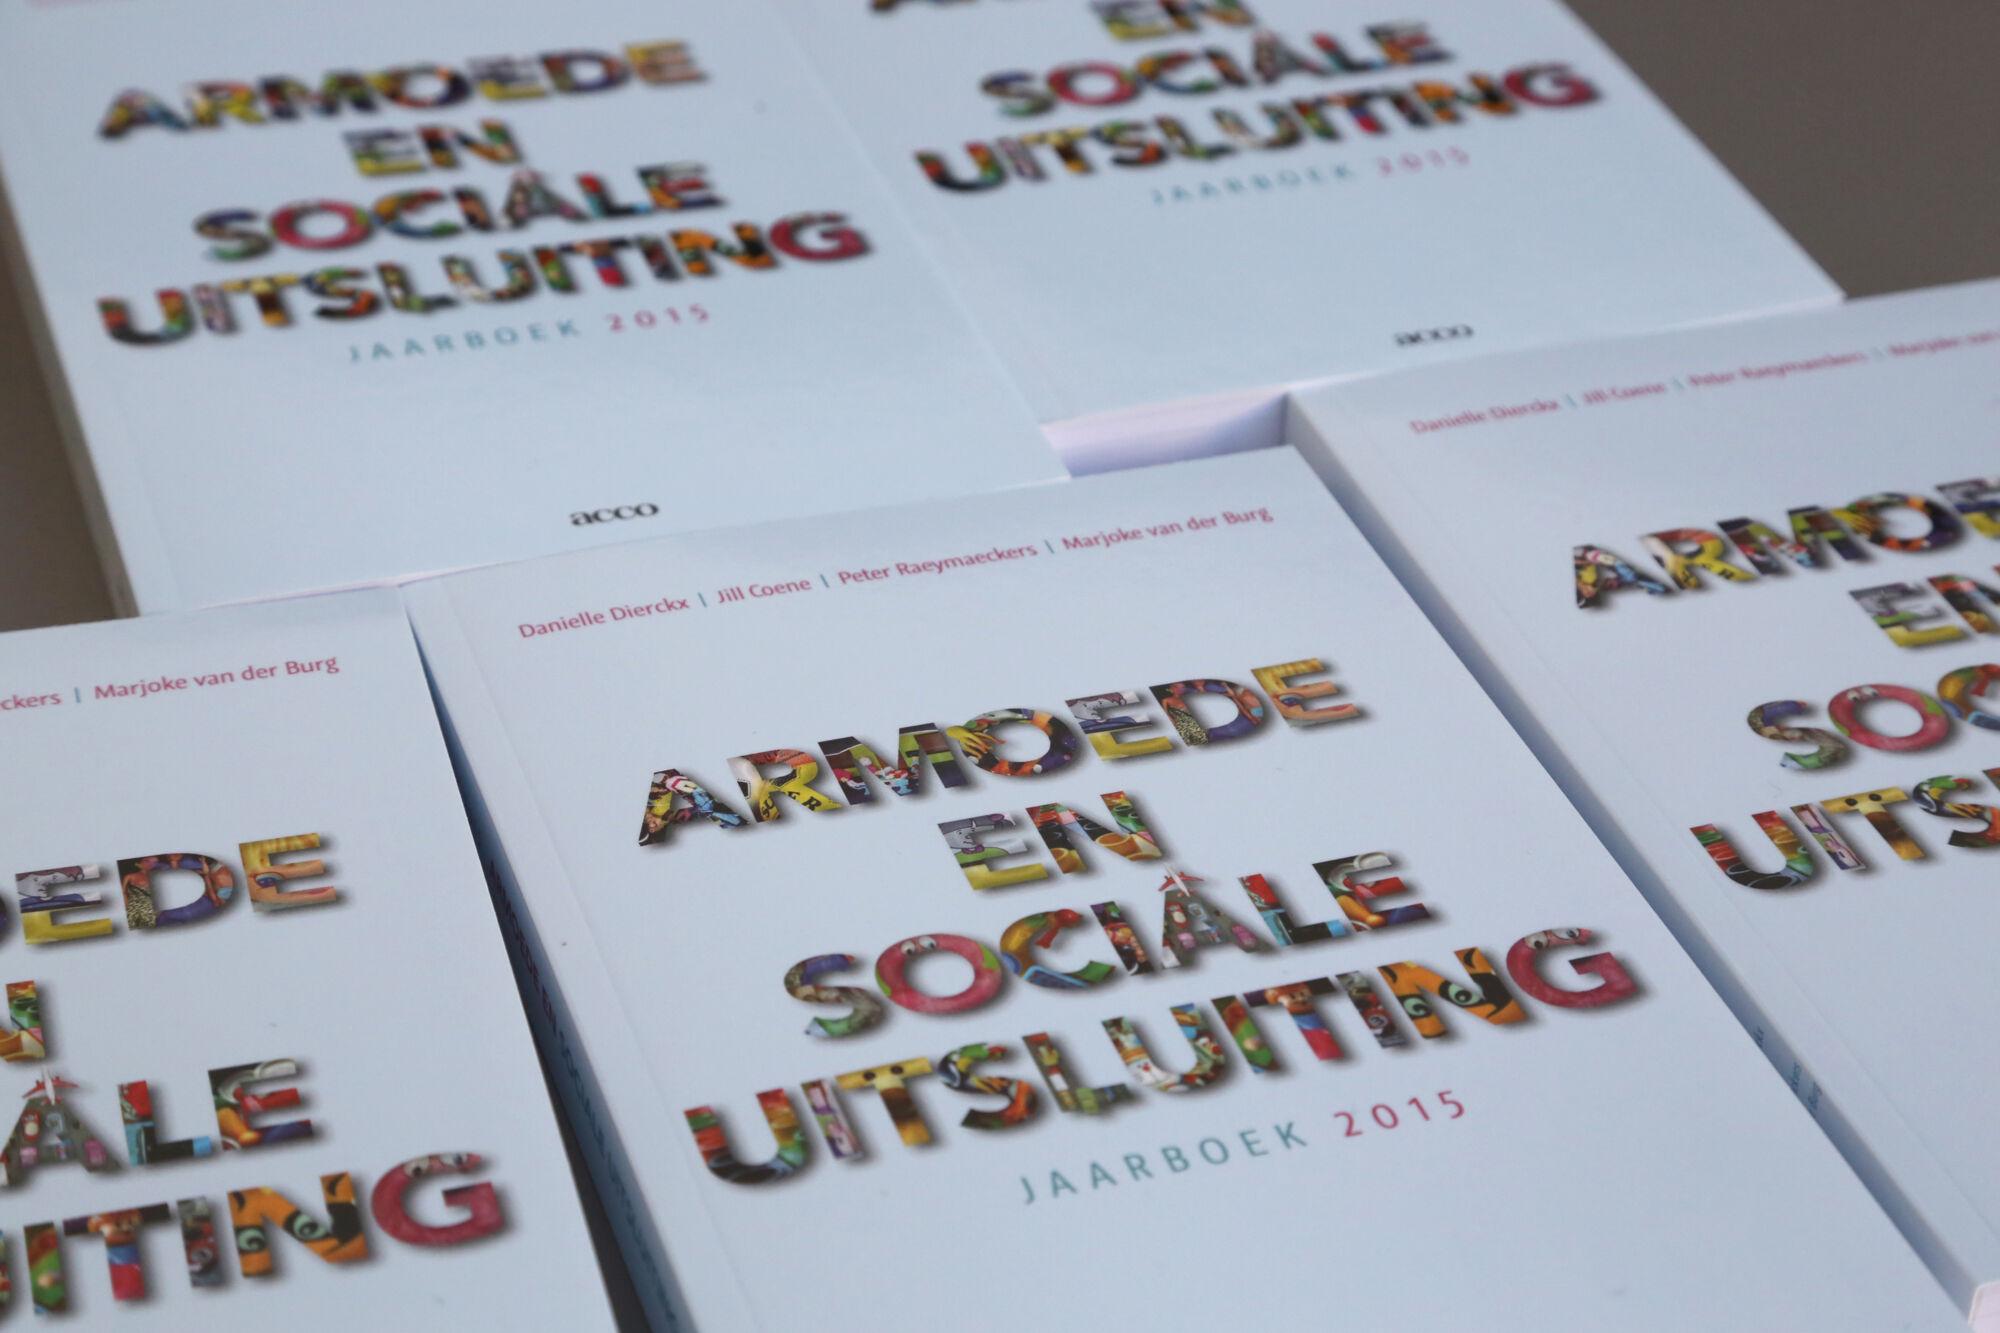 Colloquium Jaarboek Armoede 2015